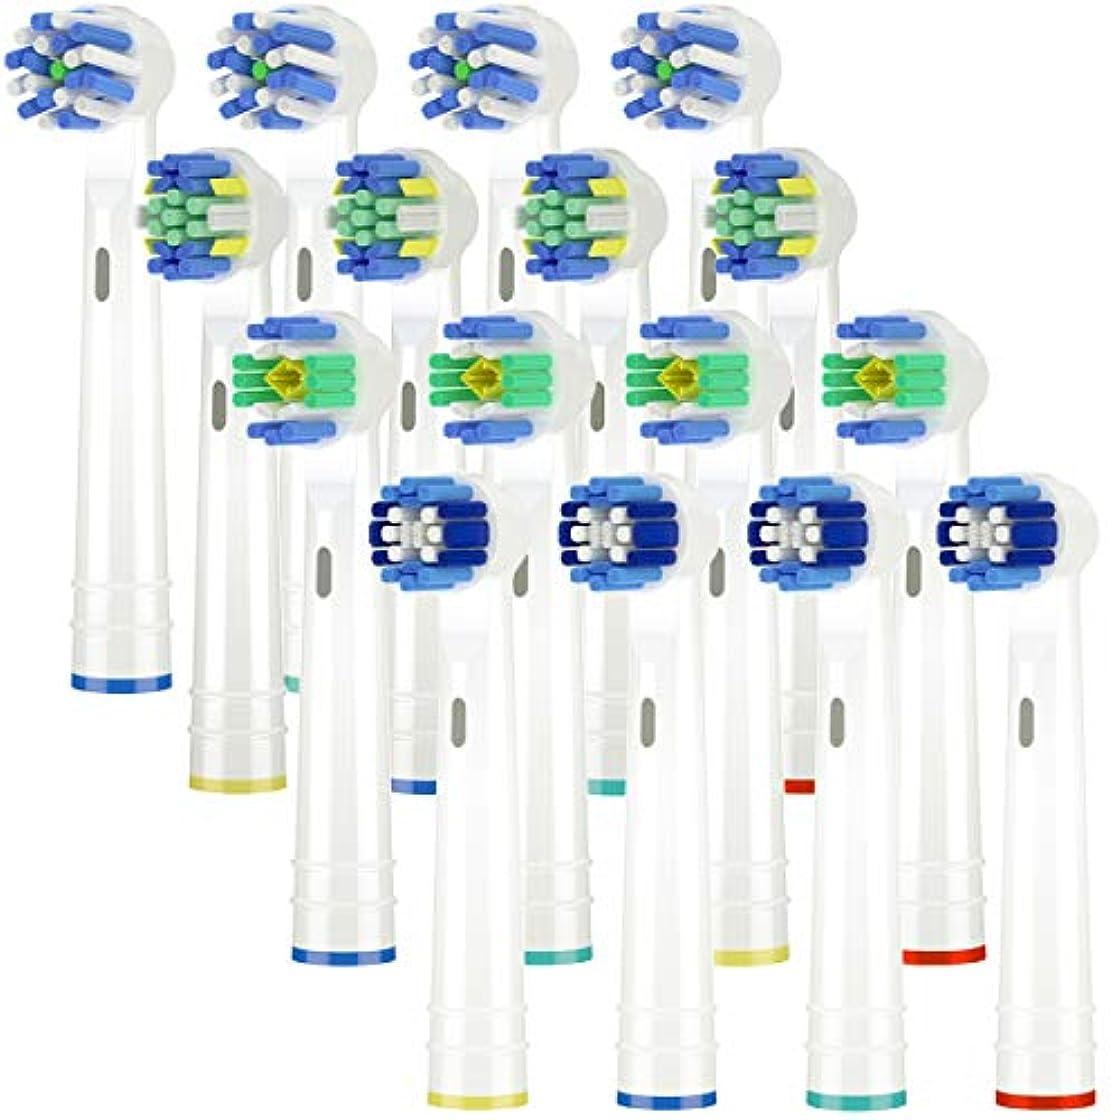 複雑でない広がり中Itechnik 電動歯ブラシ 替えブラシ ブラウン オーラルB 対応 替えブラシ 4種類が入り:ホワイトニングブラシ 、ベーシックブラシ、歯間ワイパー付きブラシ、マルチアクションブラシ 凡用な16本